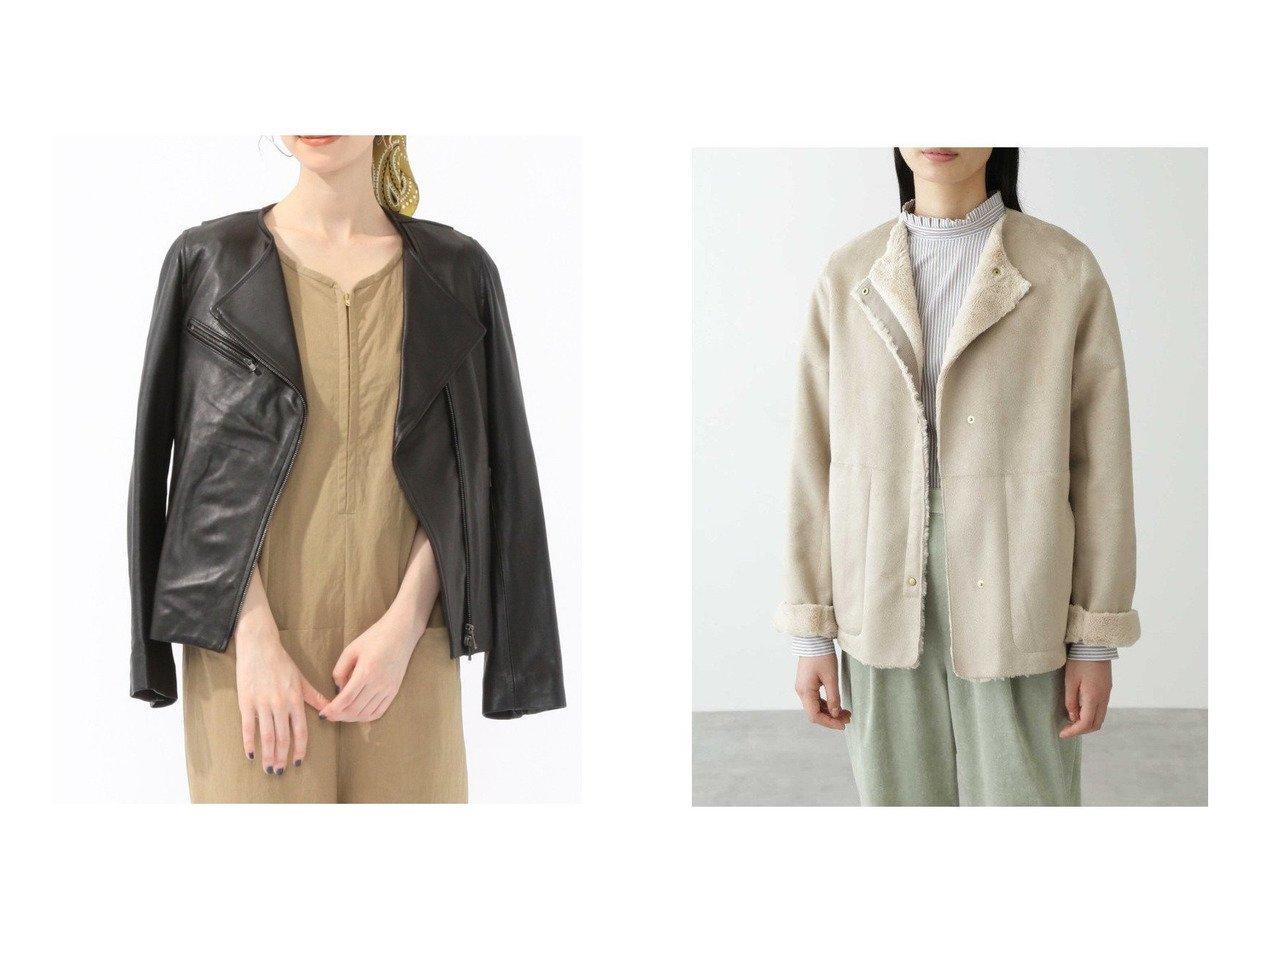 【SHIPS/シップス フォー ウィメン】のライダースジャケット&【HUMAN WOMAN/ヒューマンウーマン】のフェイクムートンブルゾンコート アウターのおすすめ!人気トレンド・レディースファッションの通販 おすすめで人気の流行・トレンド、ファッションの通販商品 メンズファッション・キッズファッション・インテリア・家具・レディースファッション・服の通販 founy(ファニー) https://founy.com/ ファッション Fashion レディースファッション WOMEN アウター Coat Outerwear コート Coats ジャケット Jackets ライダース Riders Jacket ブルゾン Blouson Jackets ジャケット ライダースジャケット 定番 ショート ドット フェイクムートン フロント ブルゾン |ID:crp329100000008587